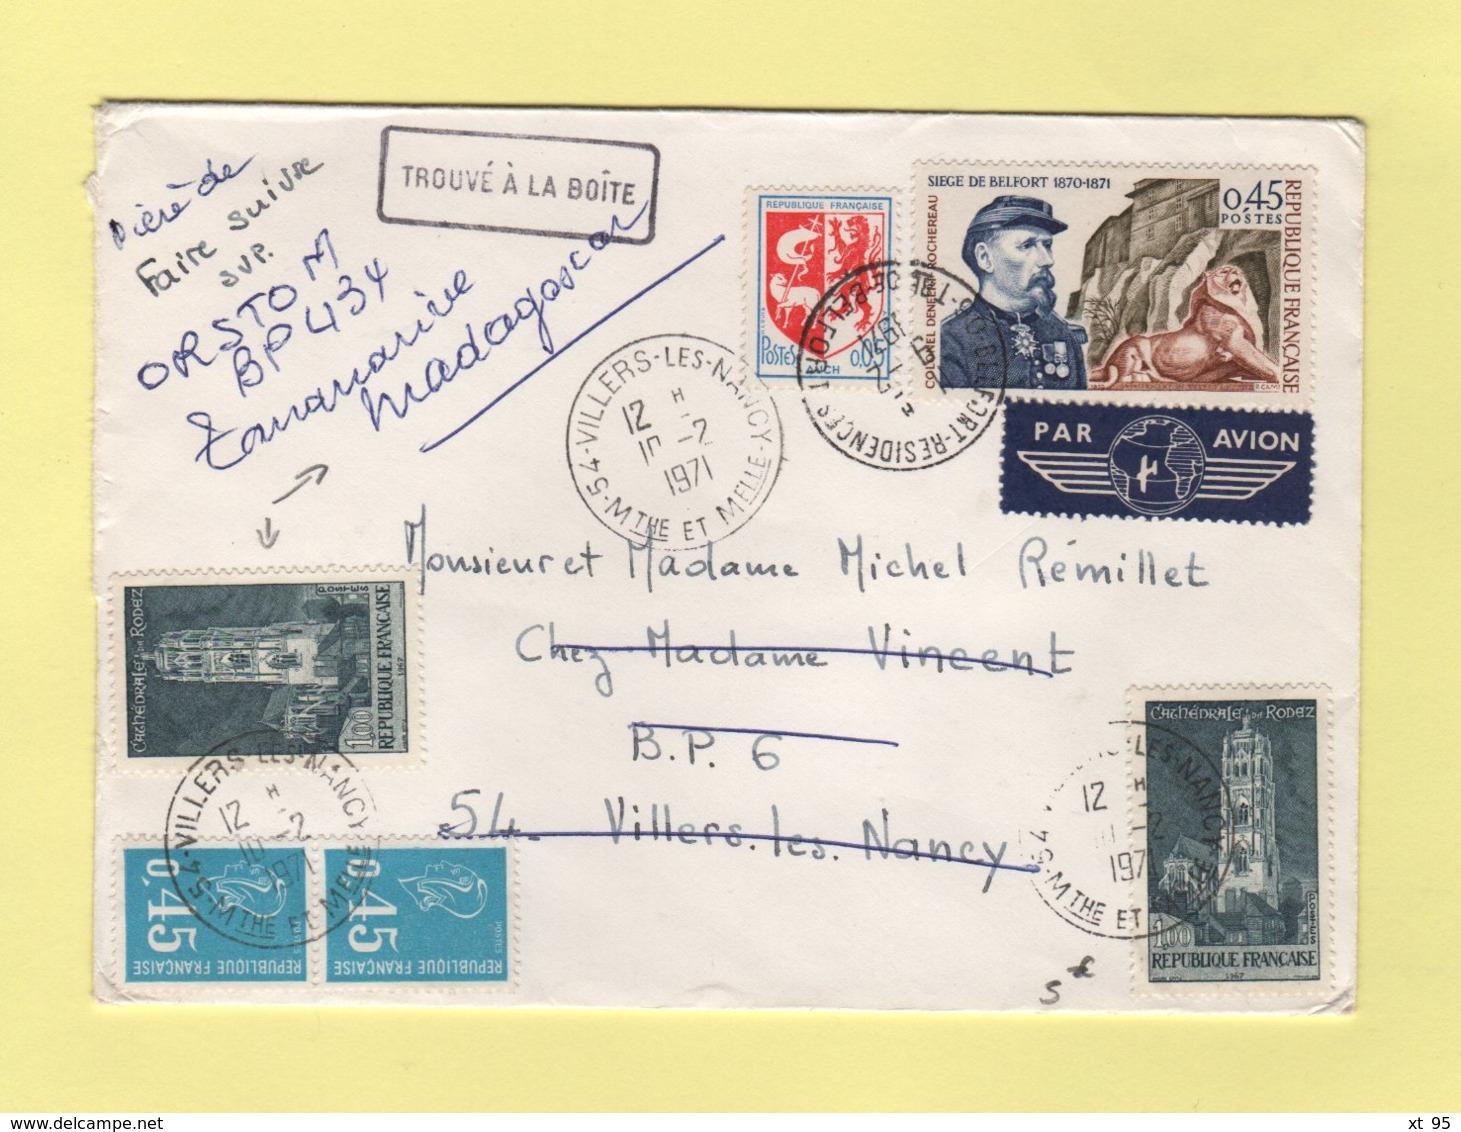 Lettre De Villers Les Nancy Reexpediee Avec Nouvel Affranchissement Vers Madagascar - 1971 - Trouve A La Boite - Postmark Collection (Covers)